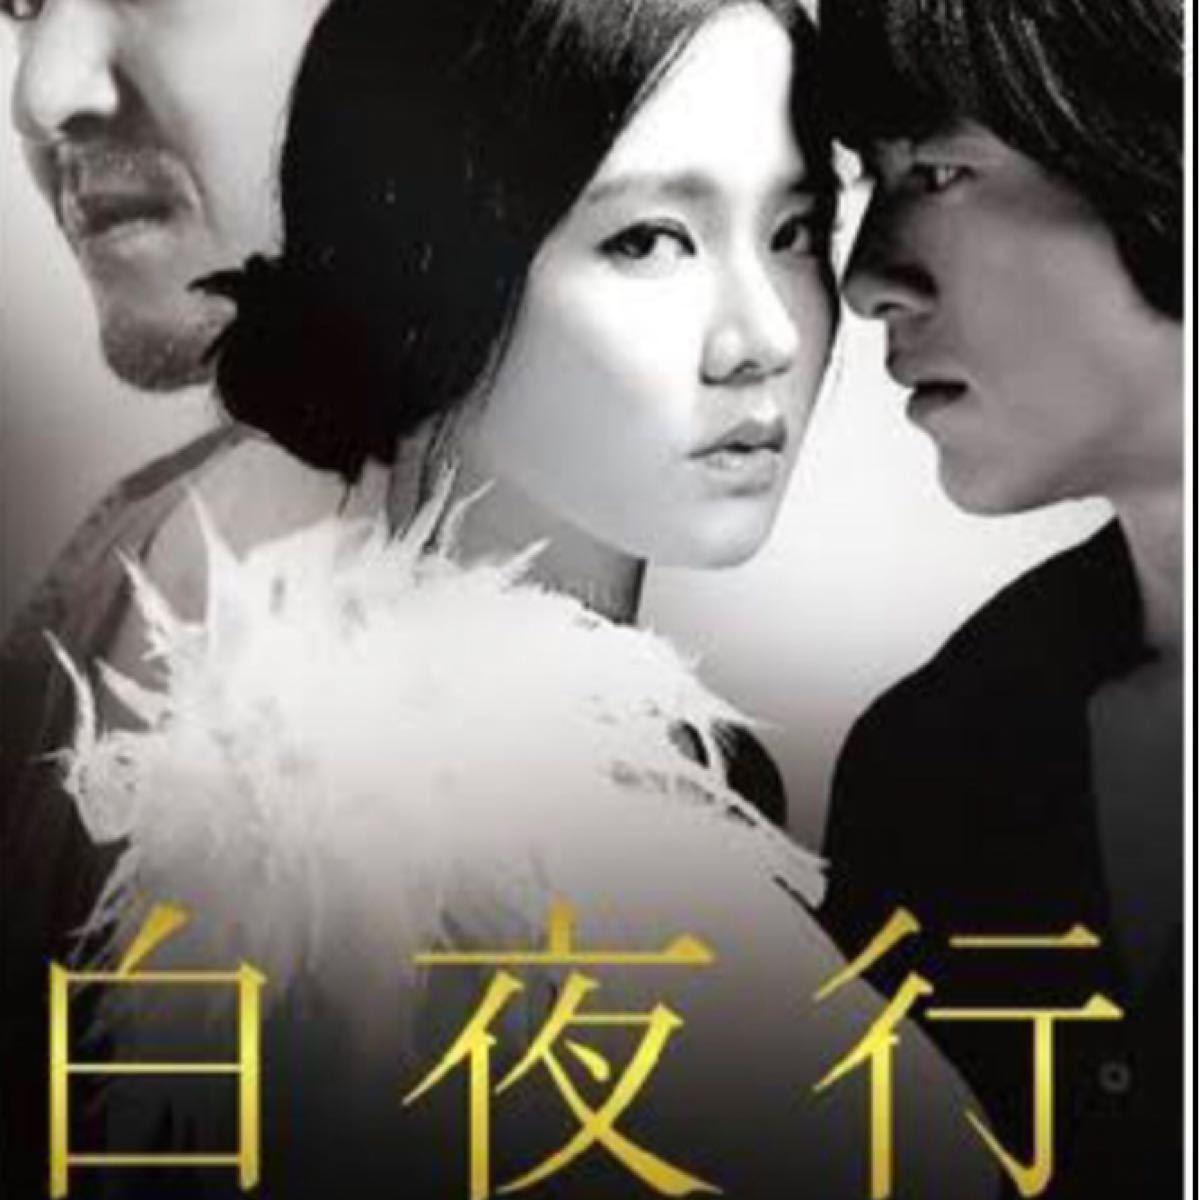 韓国映画  白夜行  ソン・イェジン  コ・ス  ハン・ソッキュ  DVD  日本語吹替有り  レーベル有り